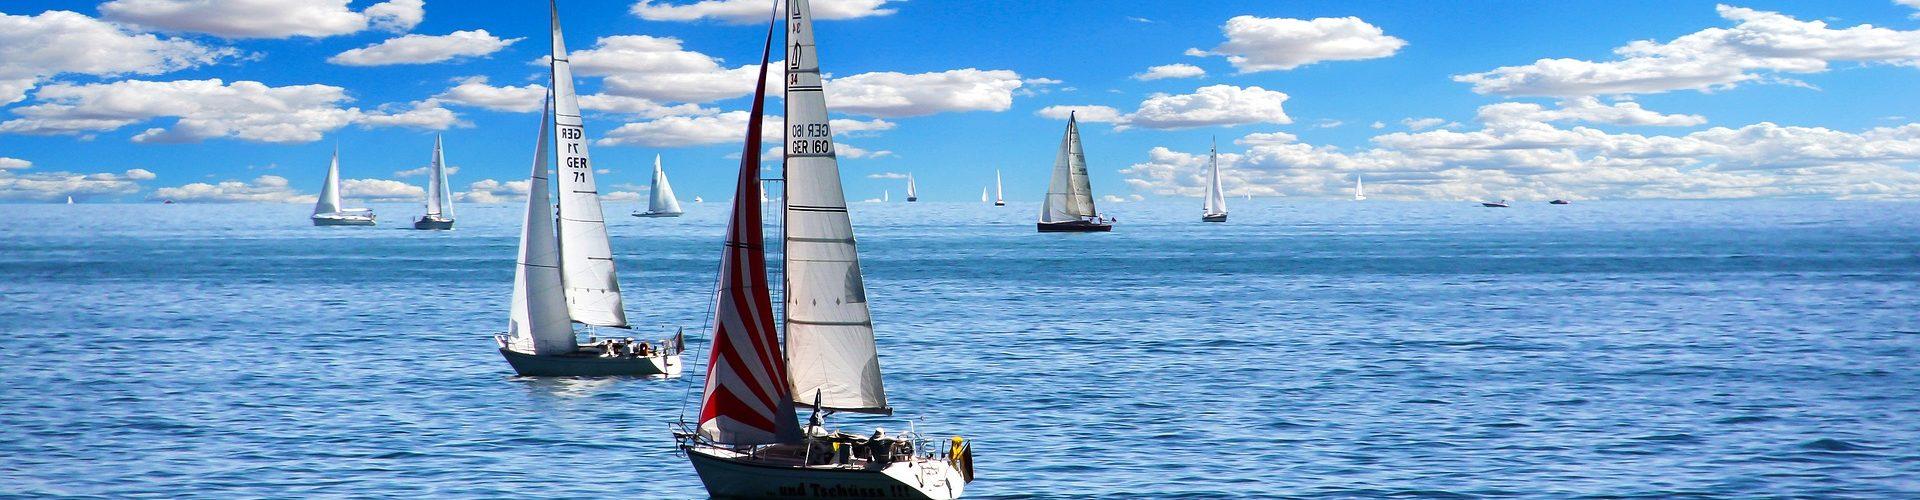 segeln lernen in Herford segelschein machen in Herford 1920x500 - Segeln lernen in Herford